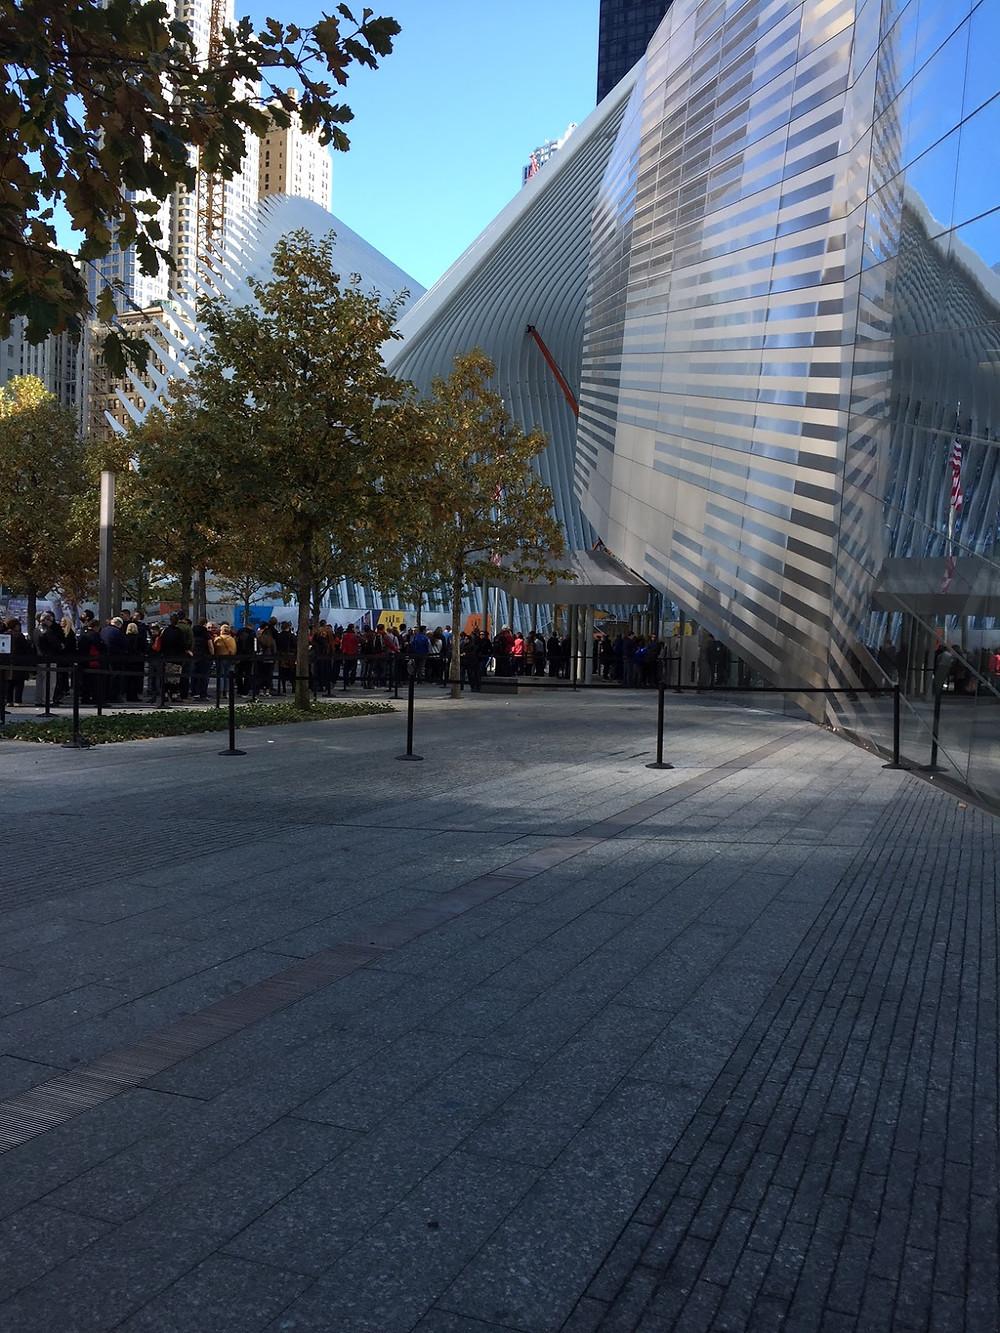 9/11 memorial museum entrance